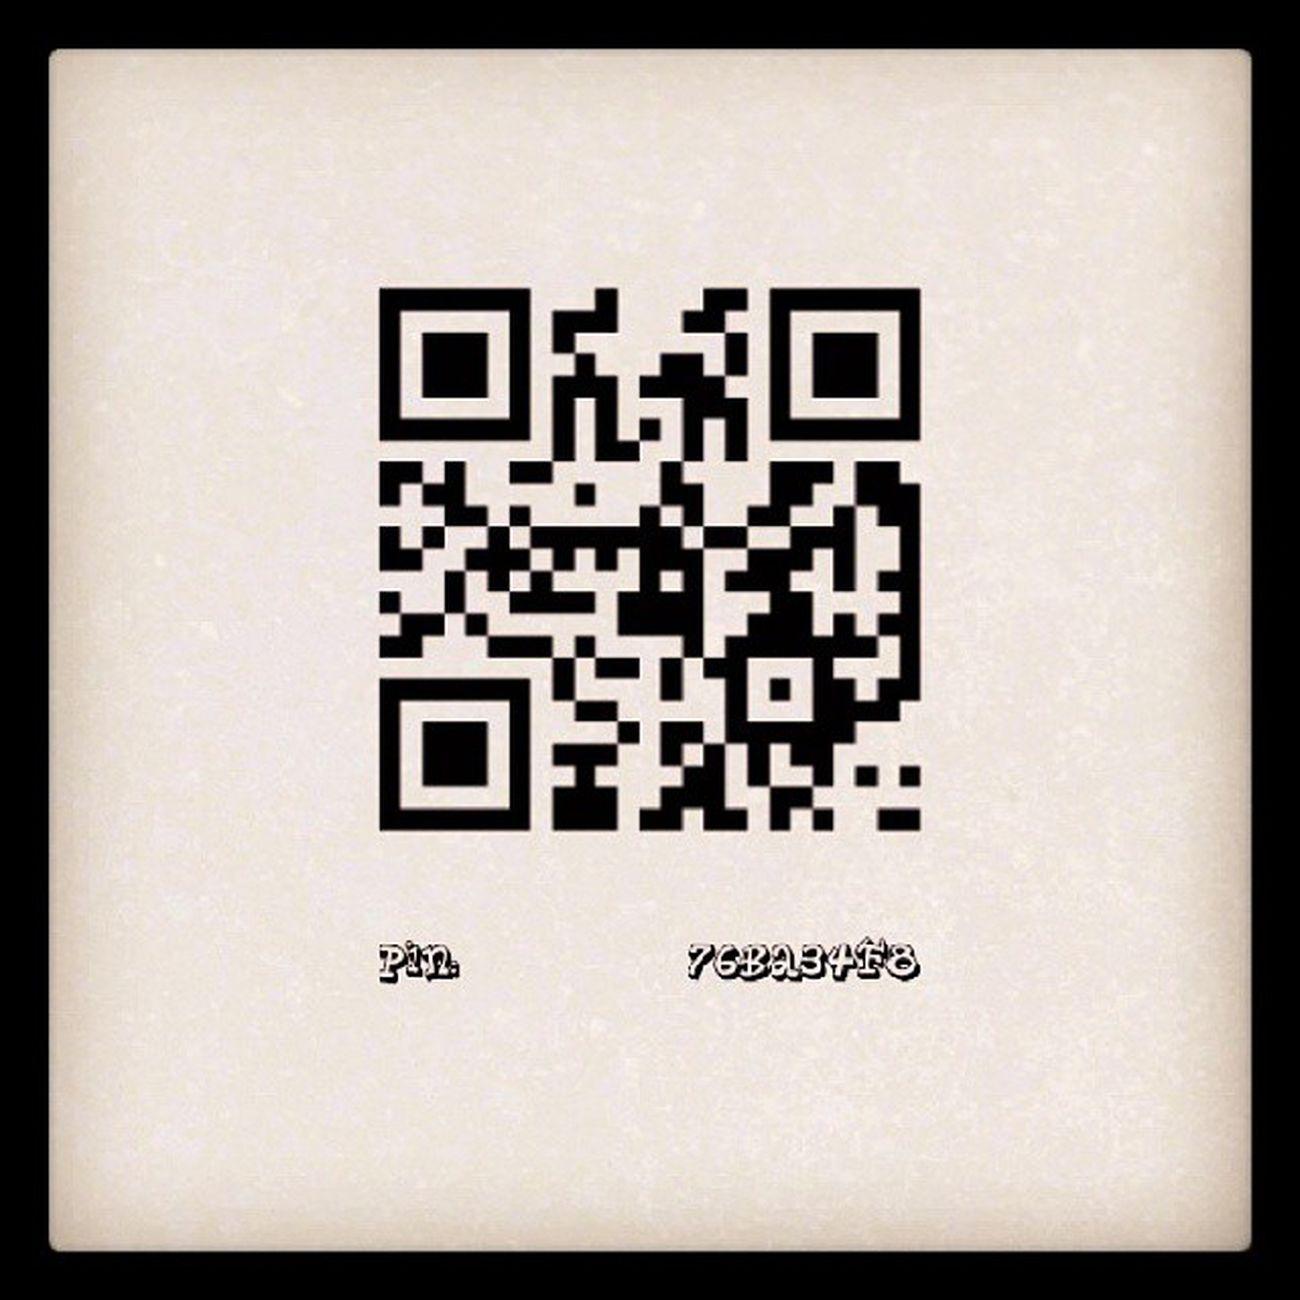 My pin BBM android invite please :') kalau sudi hehe Watlekk Watpeace Hooo